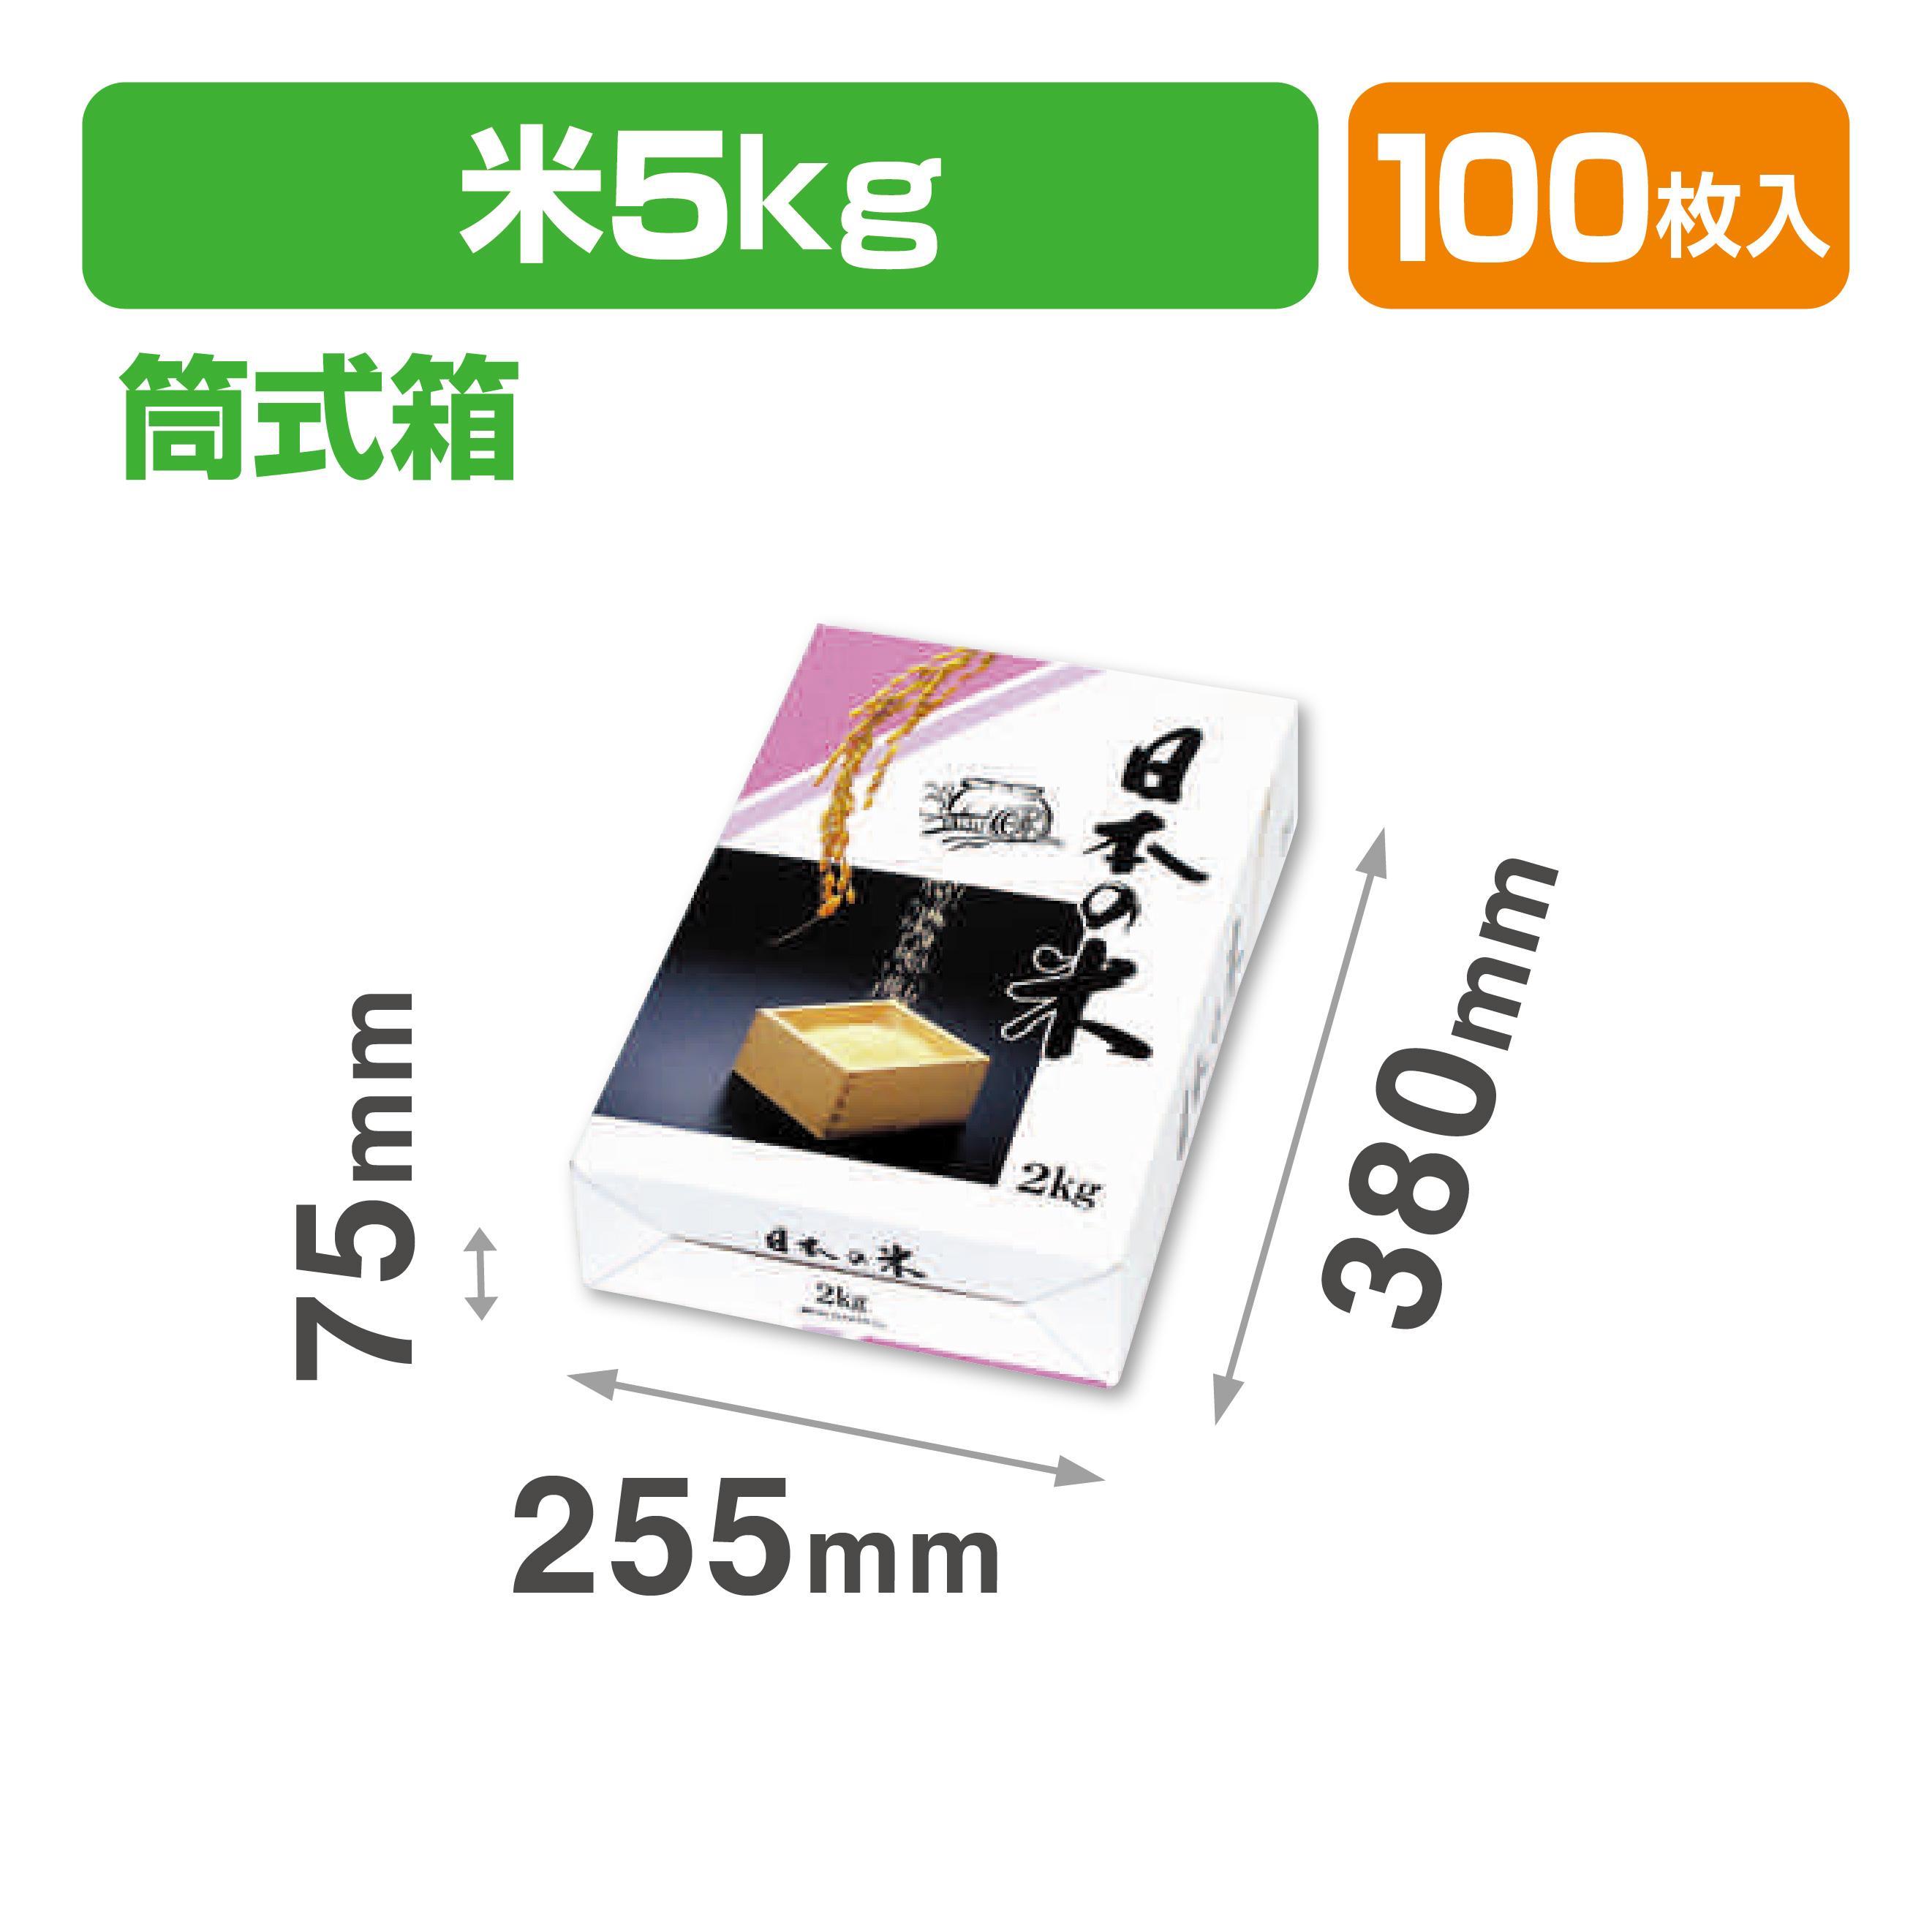 日本の米5㎏